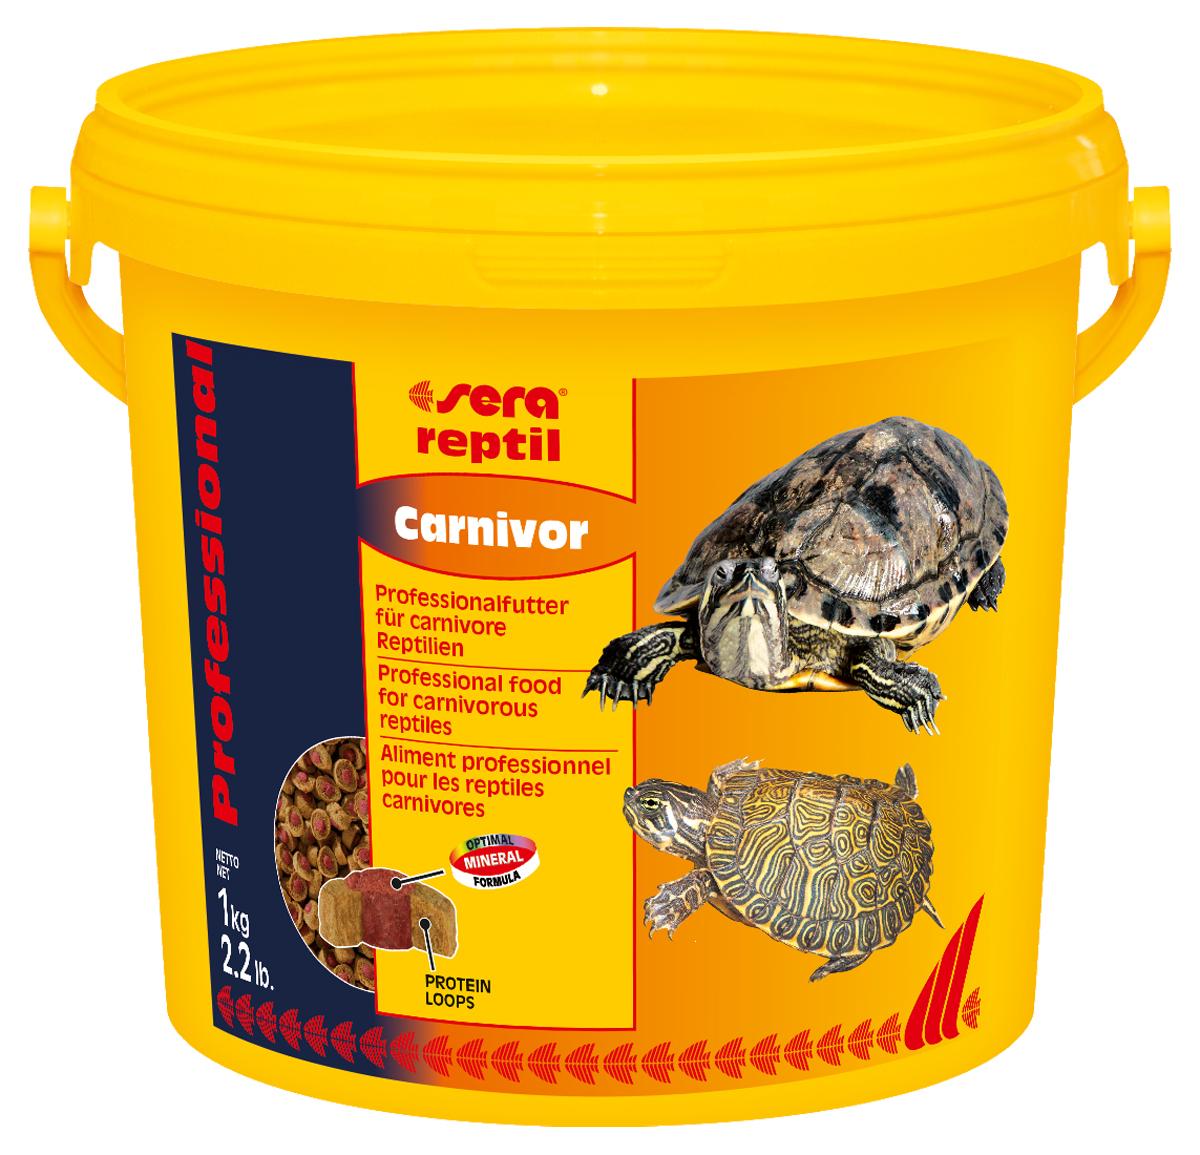 Корм для рептилий Sera Reptil Professional Carnivor, 3,8 л (1 кг) пудовъ мука ржаная обдирная 1 кг